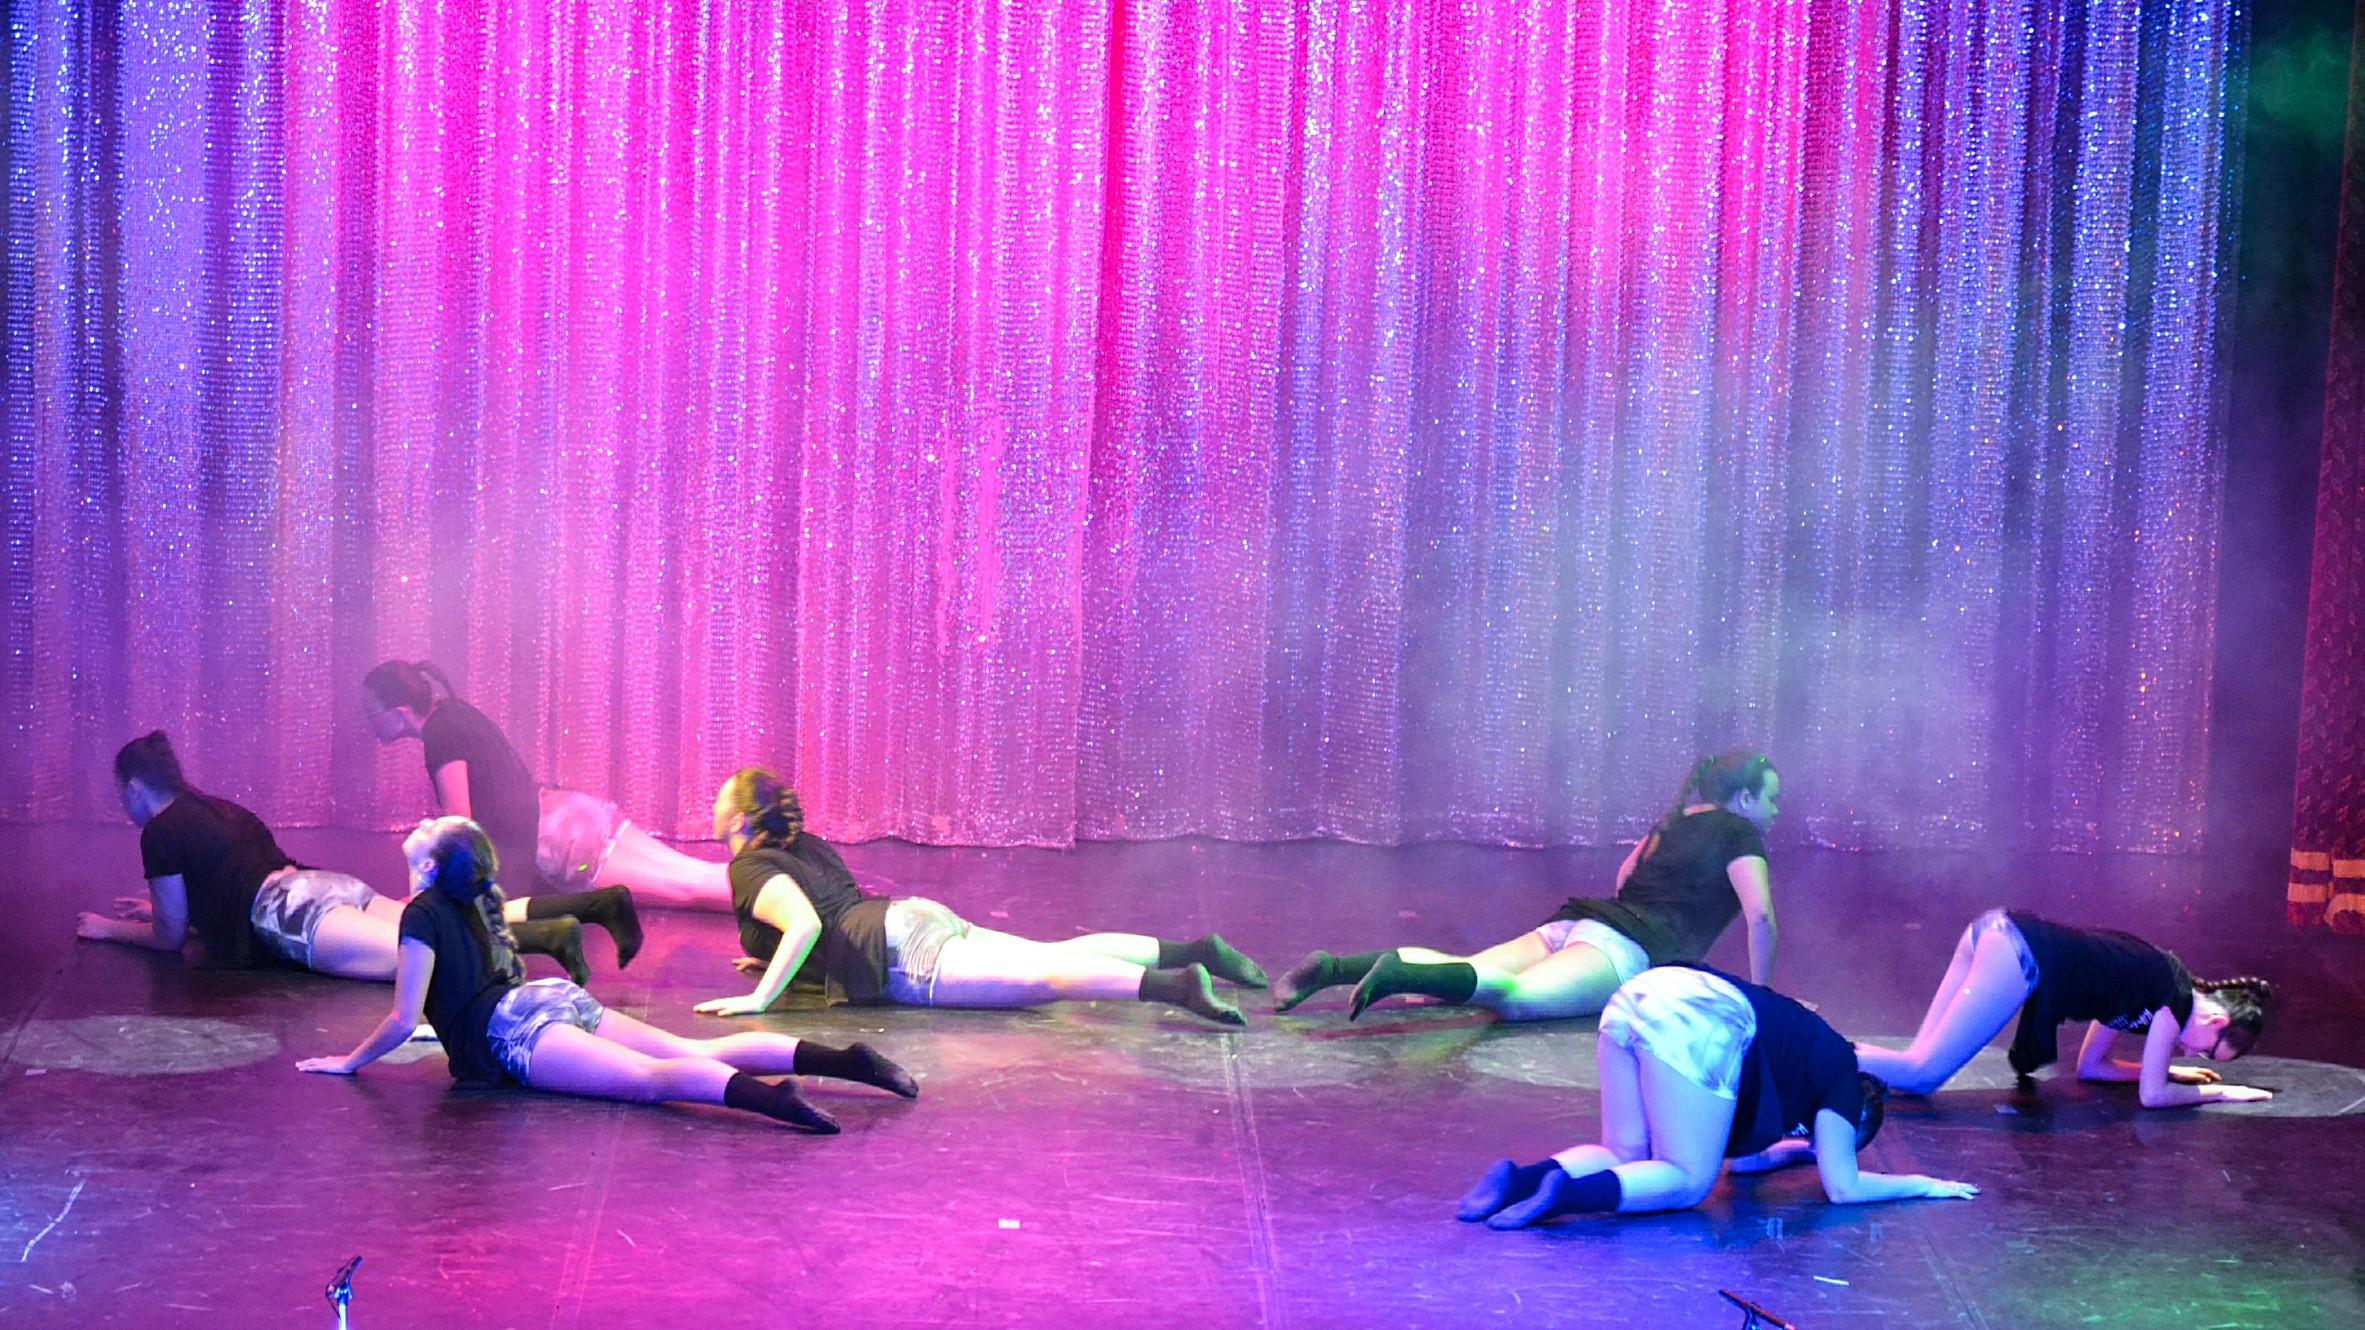 Linea-de-Baile-festival-verano-2015-clases-de-baile-valencia-36